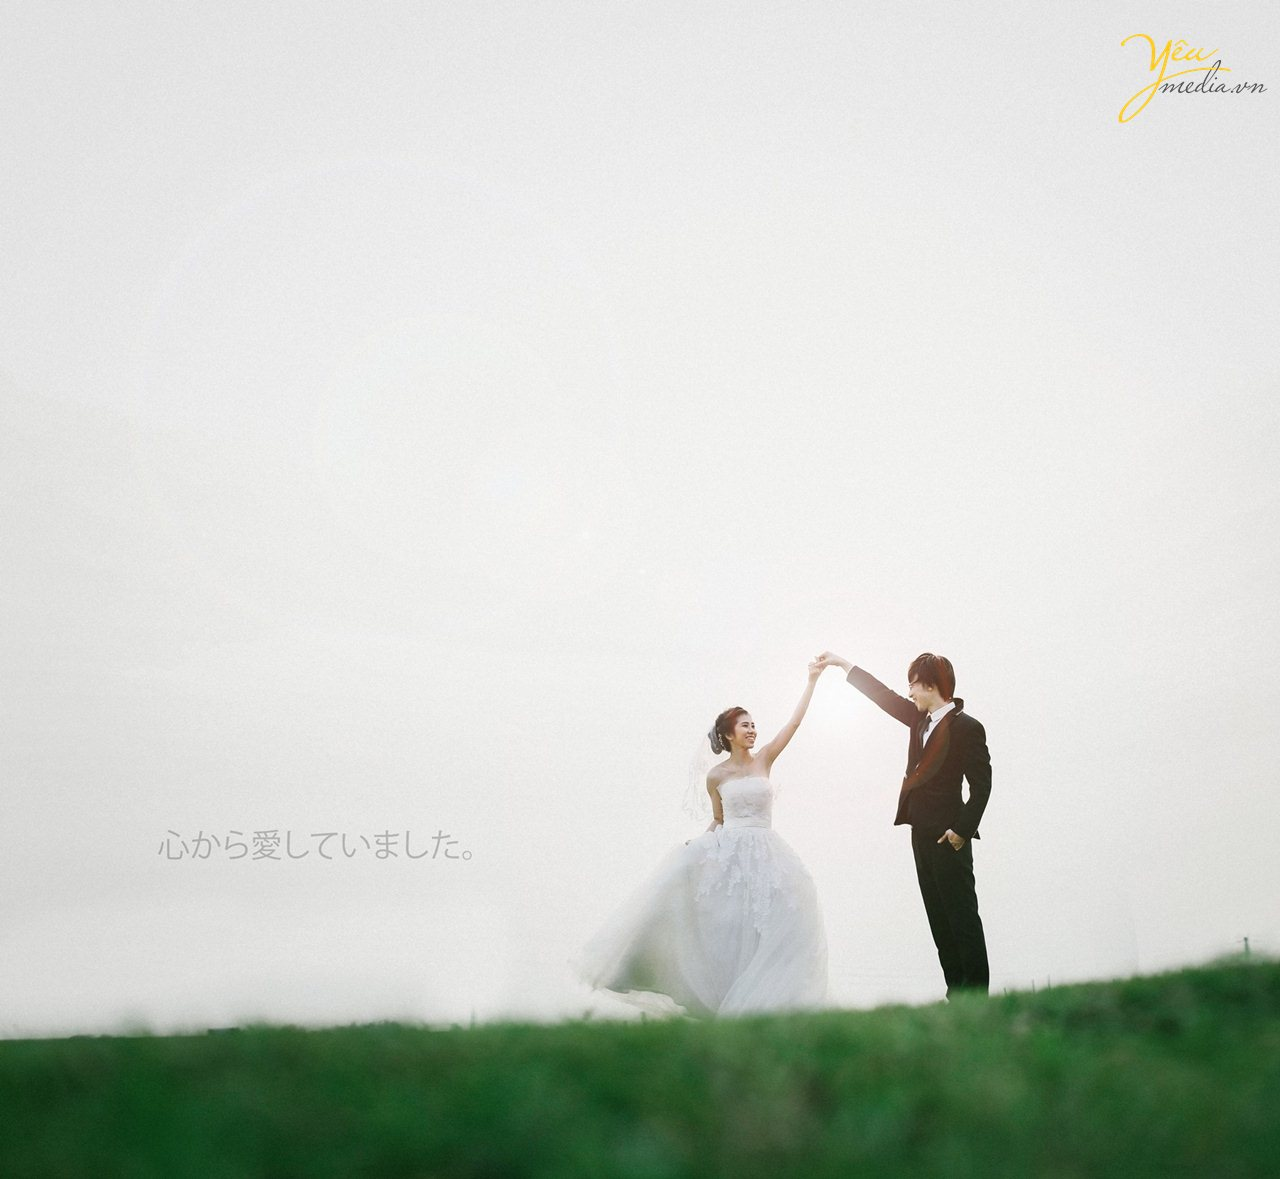 chụp ảnh cưới phong cách nhật bản